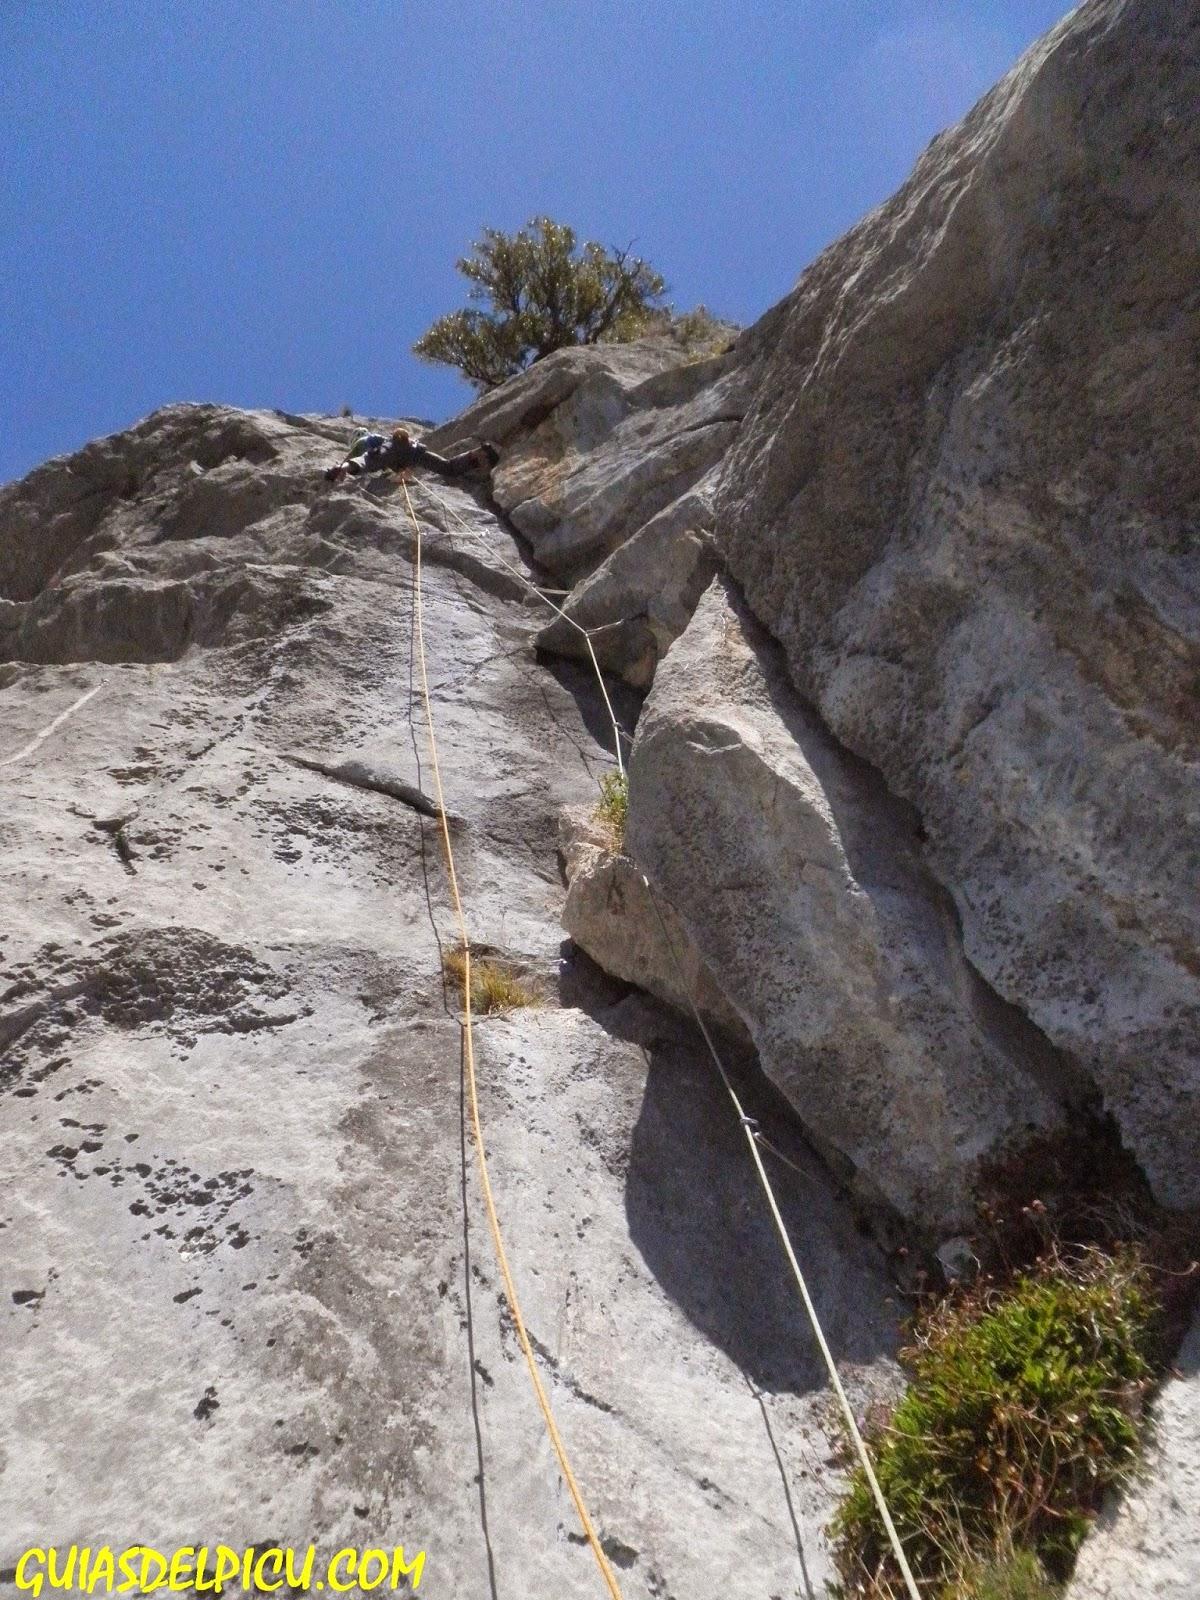 Guias del picu , escalada en roca en los picos de europa